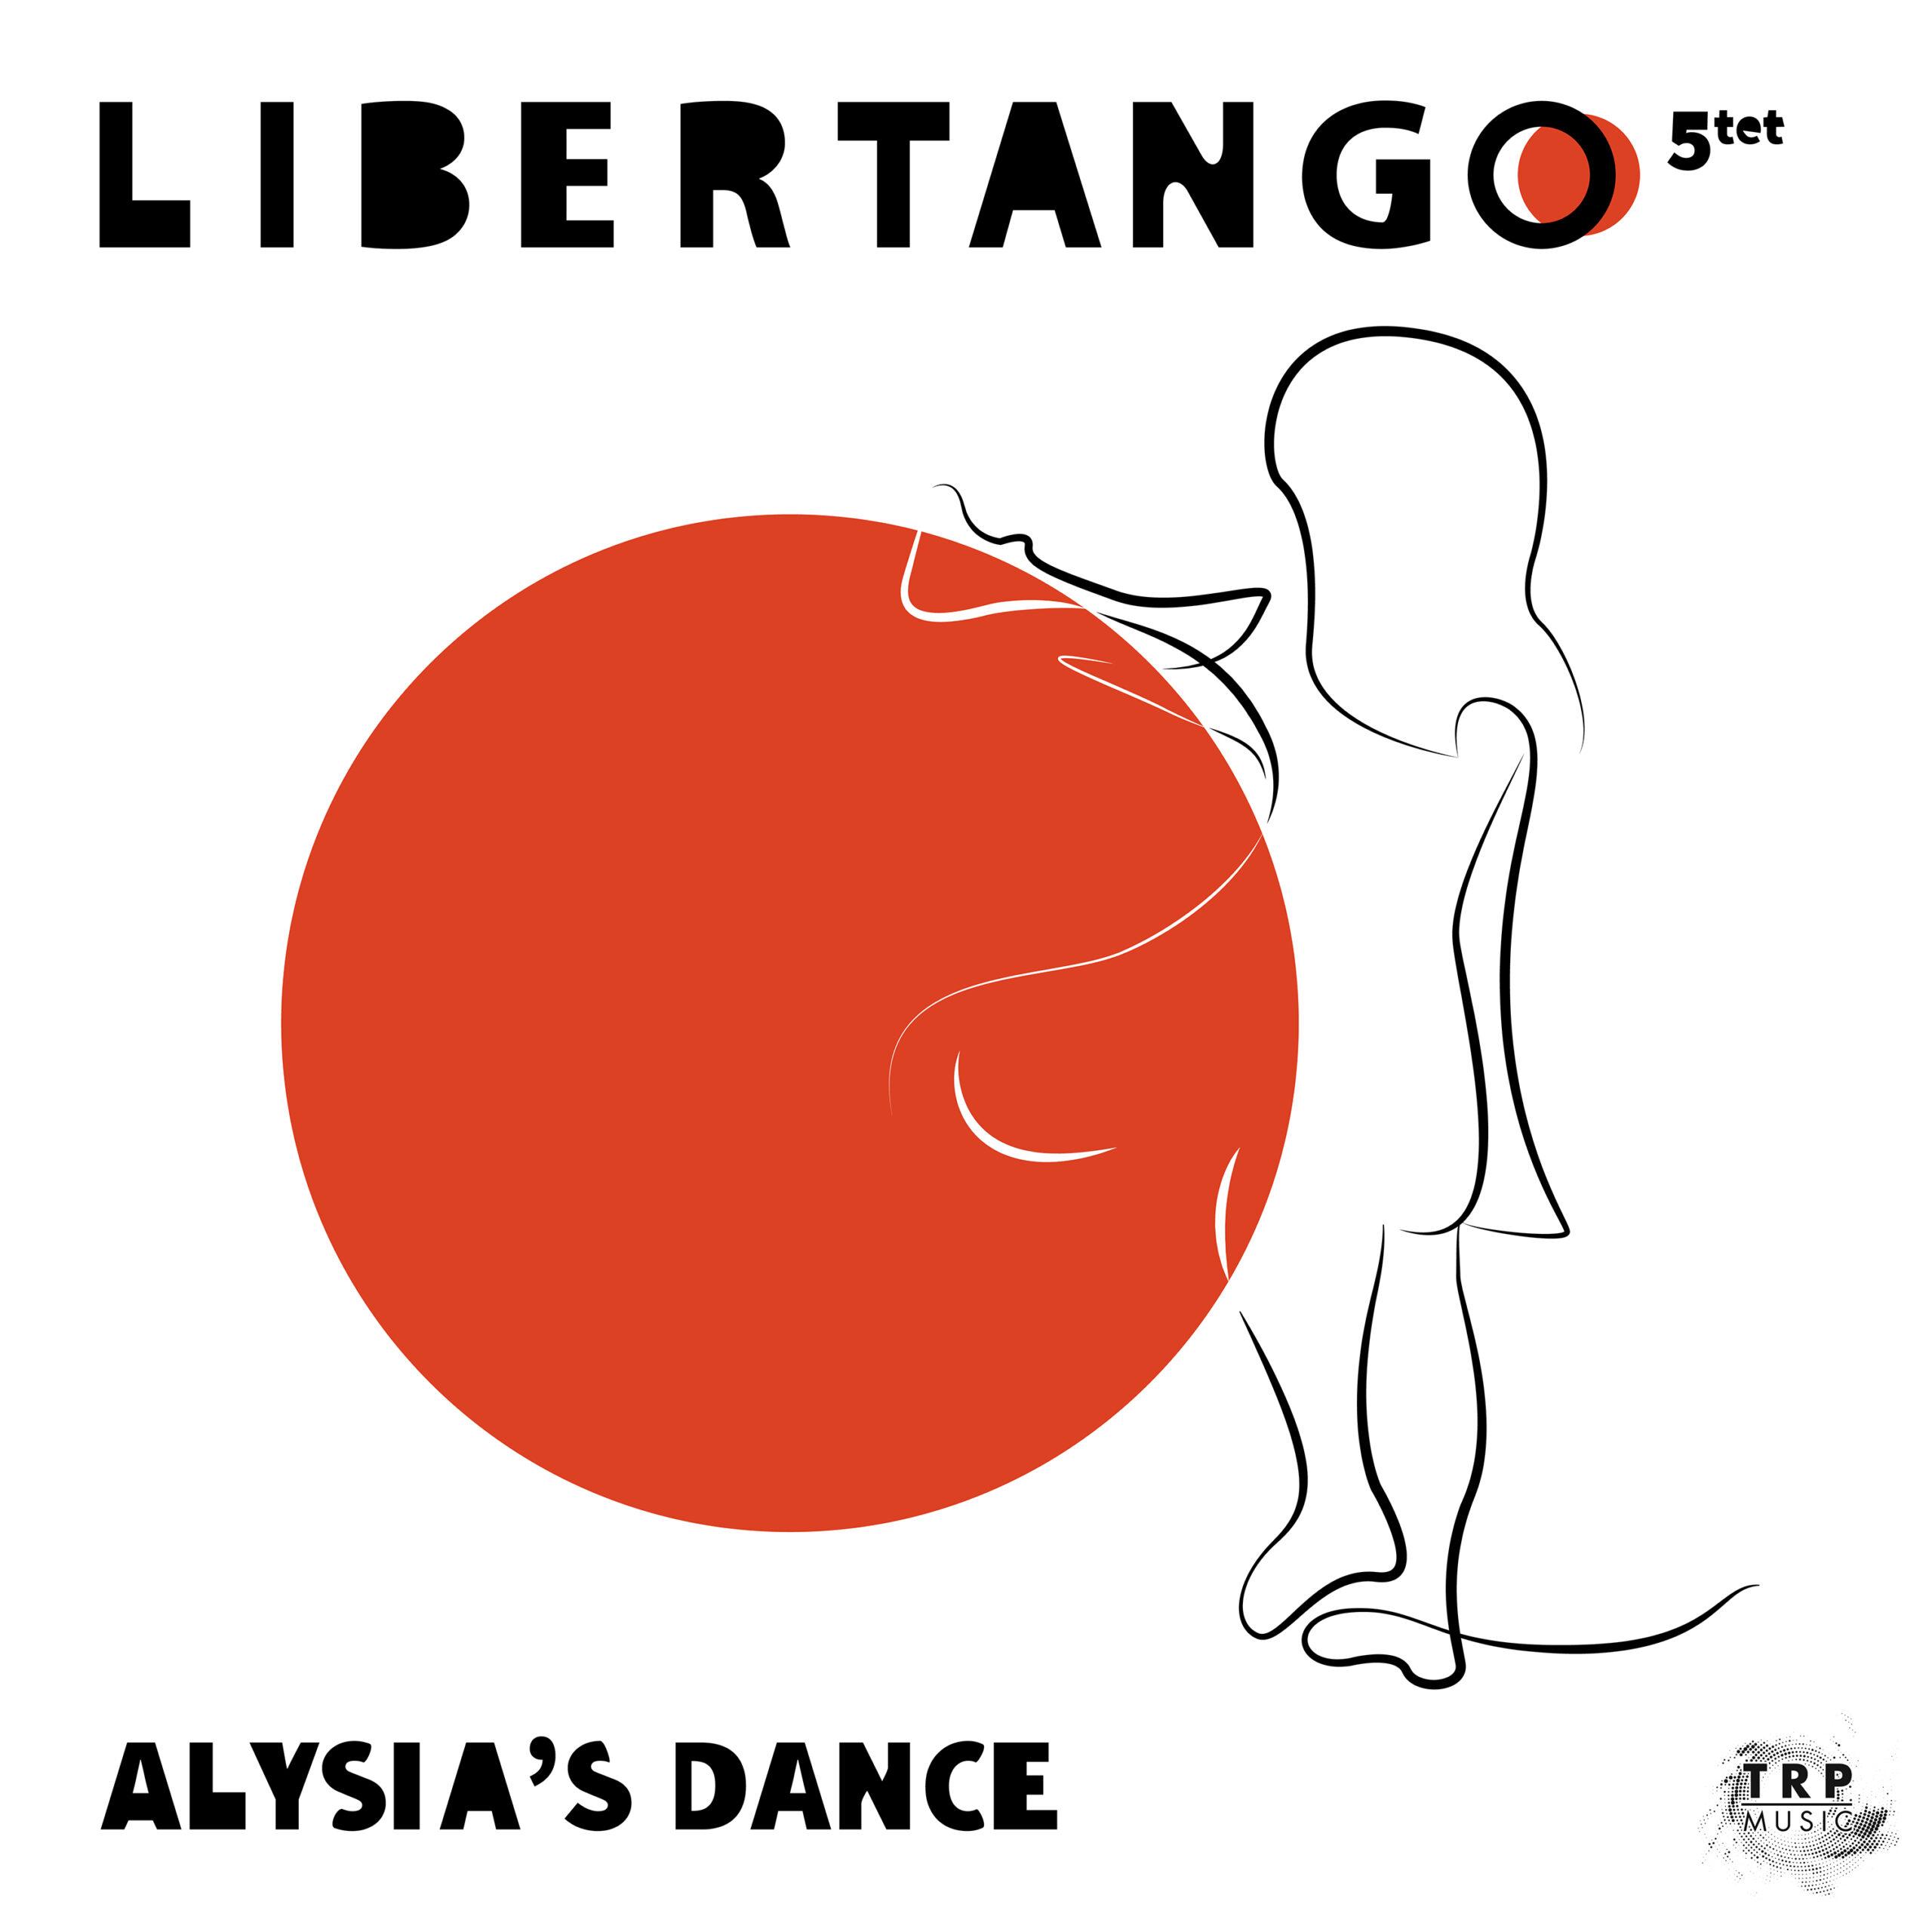 """""""Alysia's Dance"""", il nuovo singolo firmato Libertango 5tet pubblicato dalla TRP Music"""